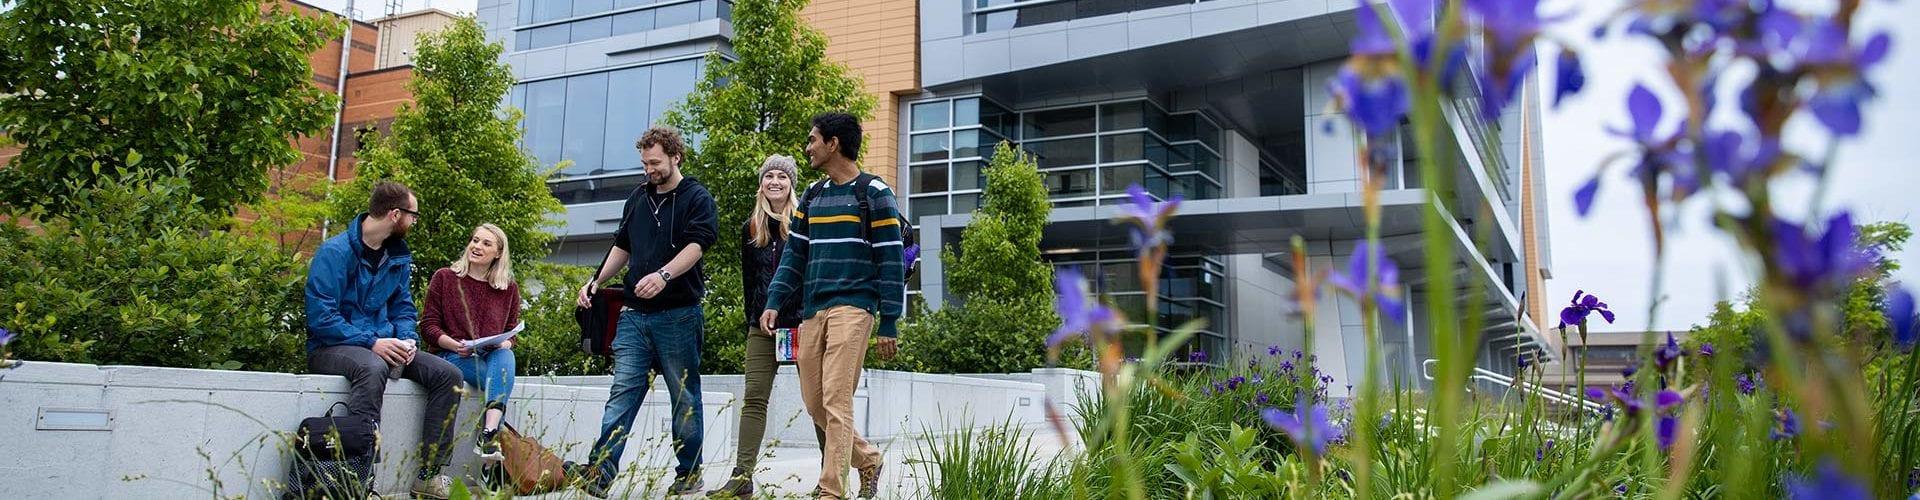 people on UWM campus